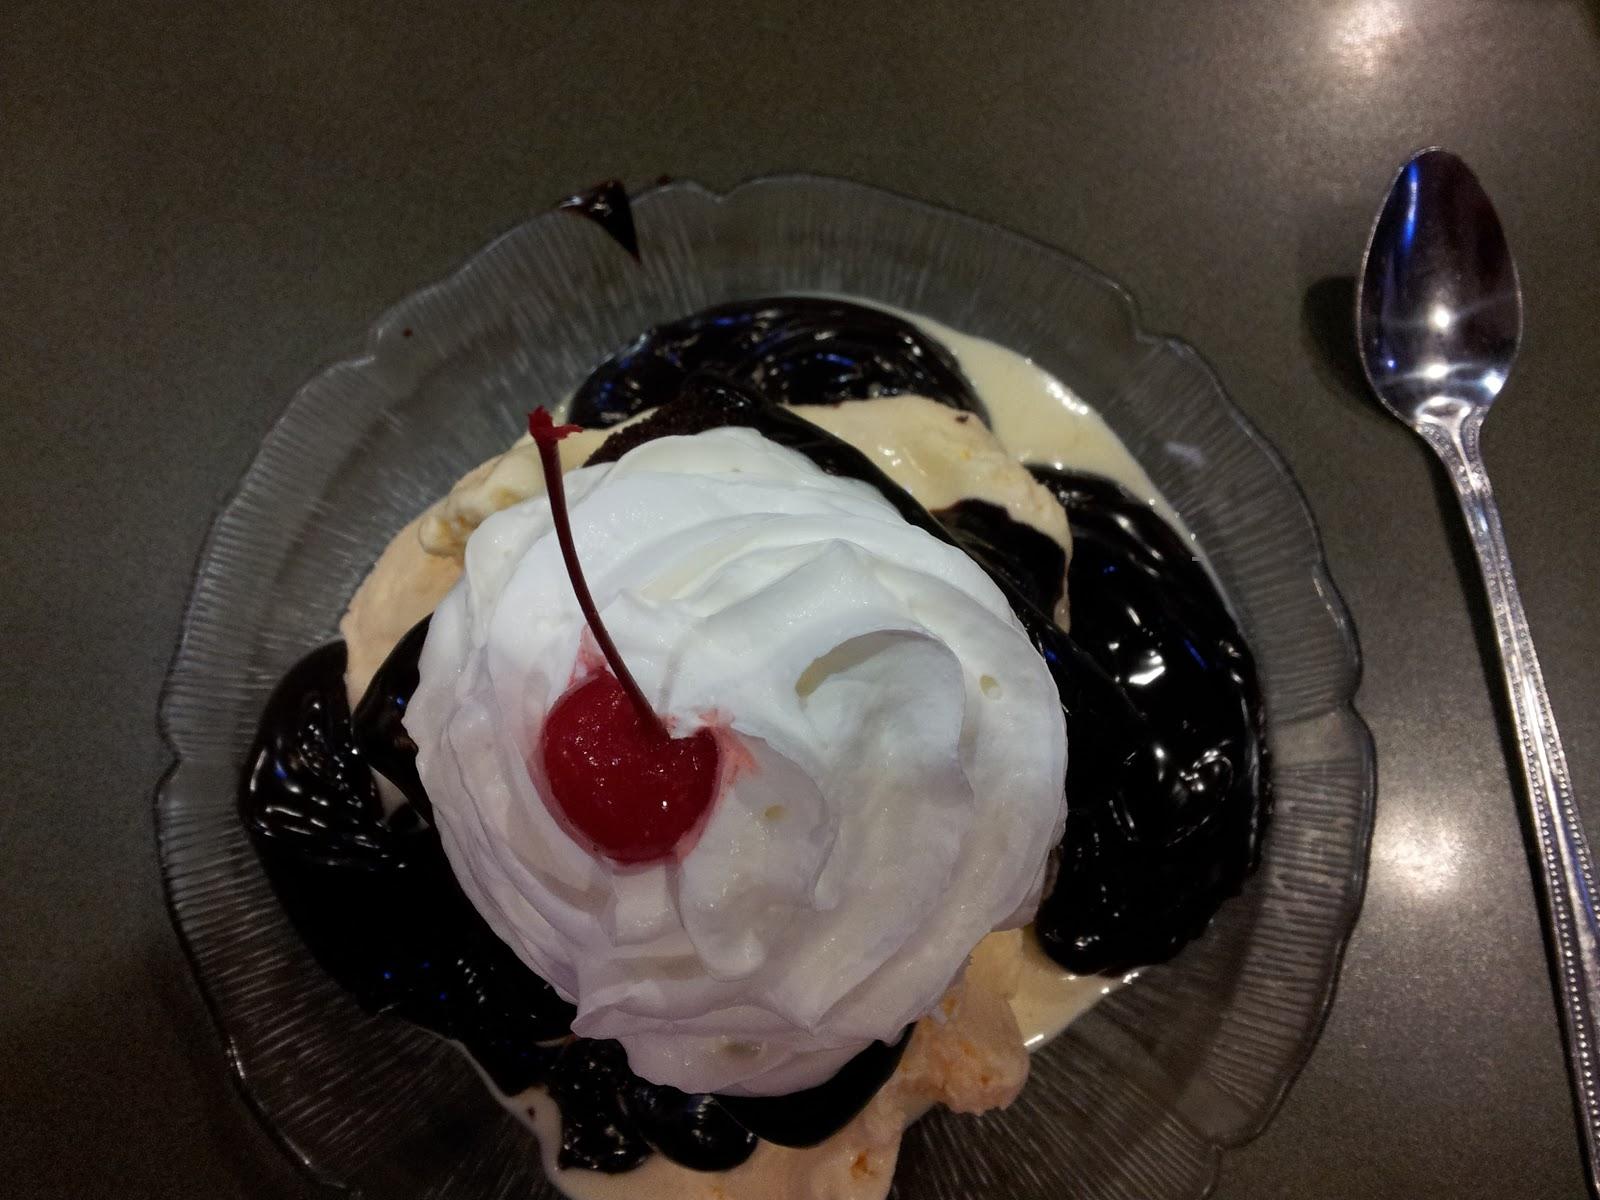 Bob S Big Boy Ice Cream Cake